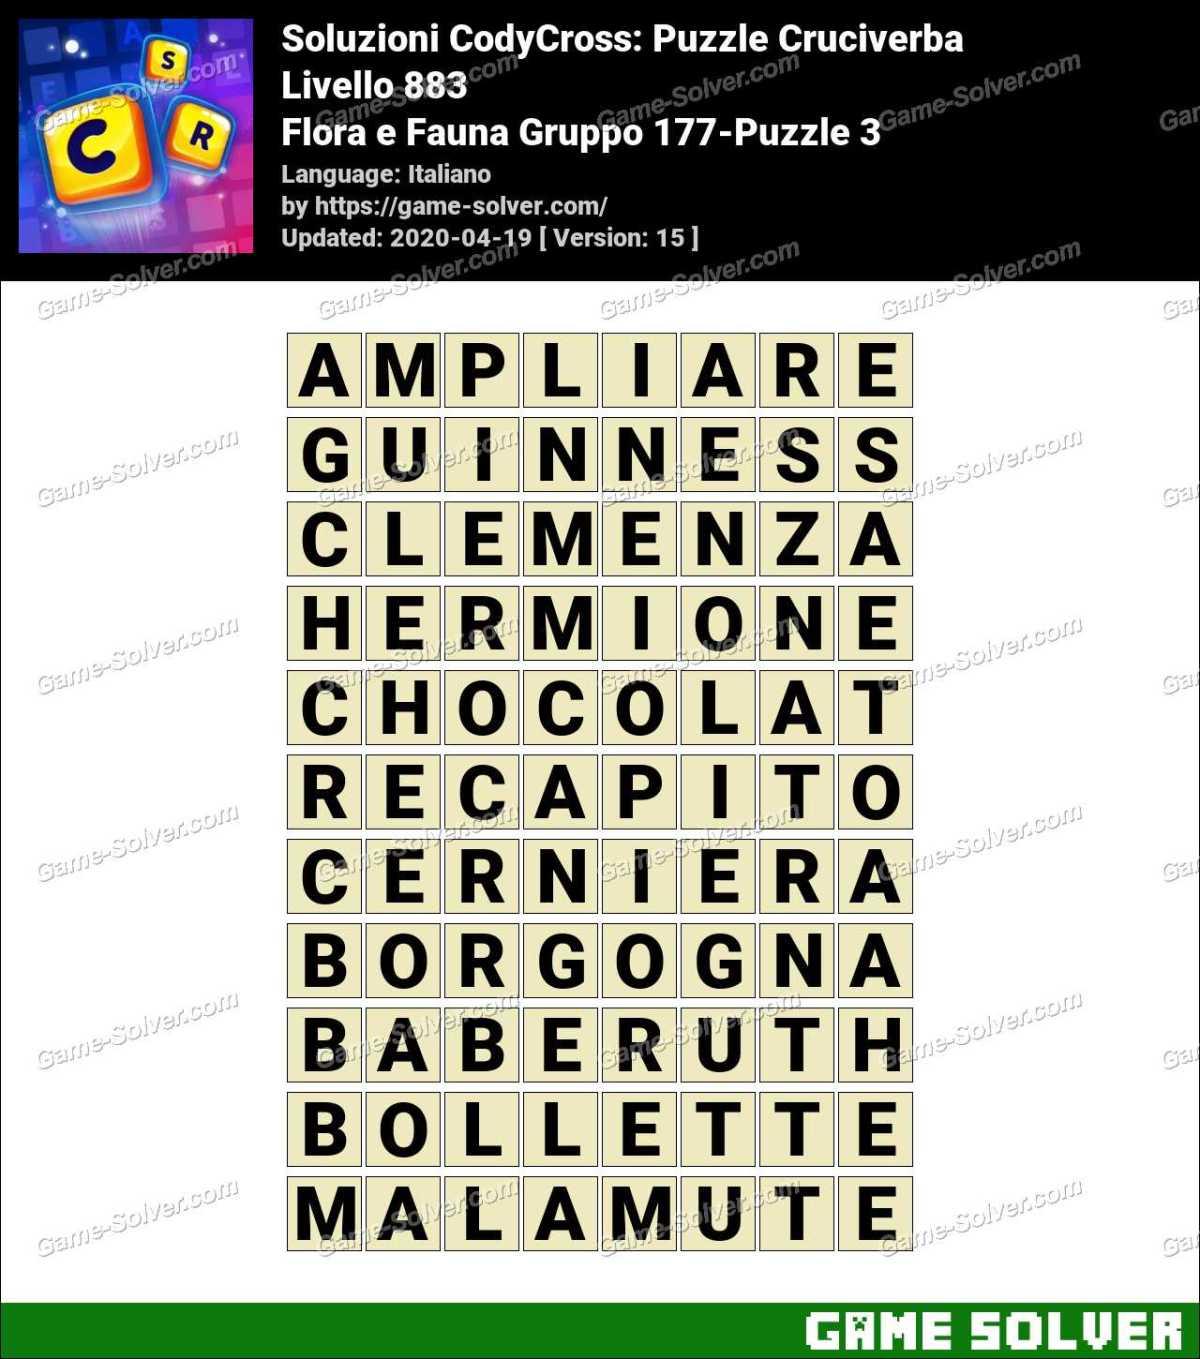 Soluzioni CodyCross Flora e Fauna Gruppo 177-Puzzle 3